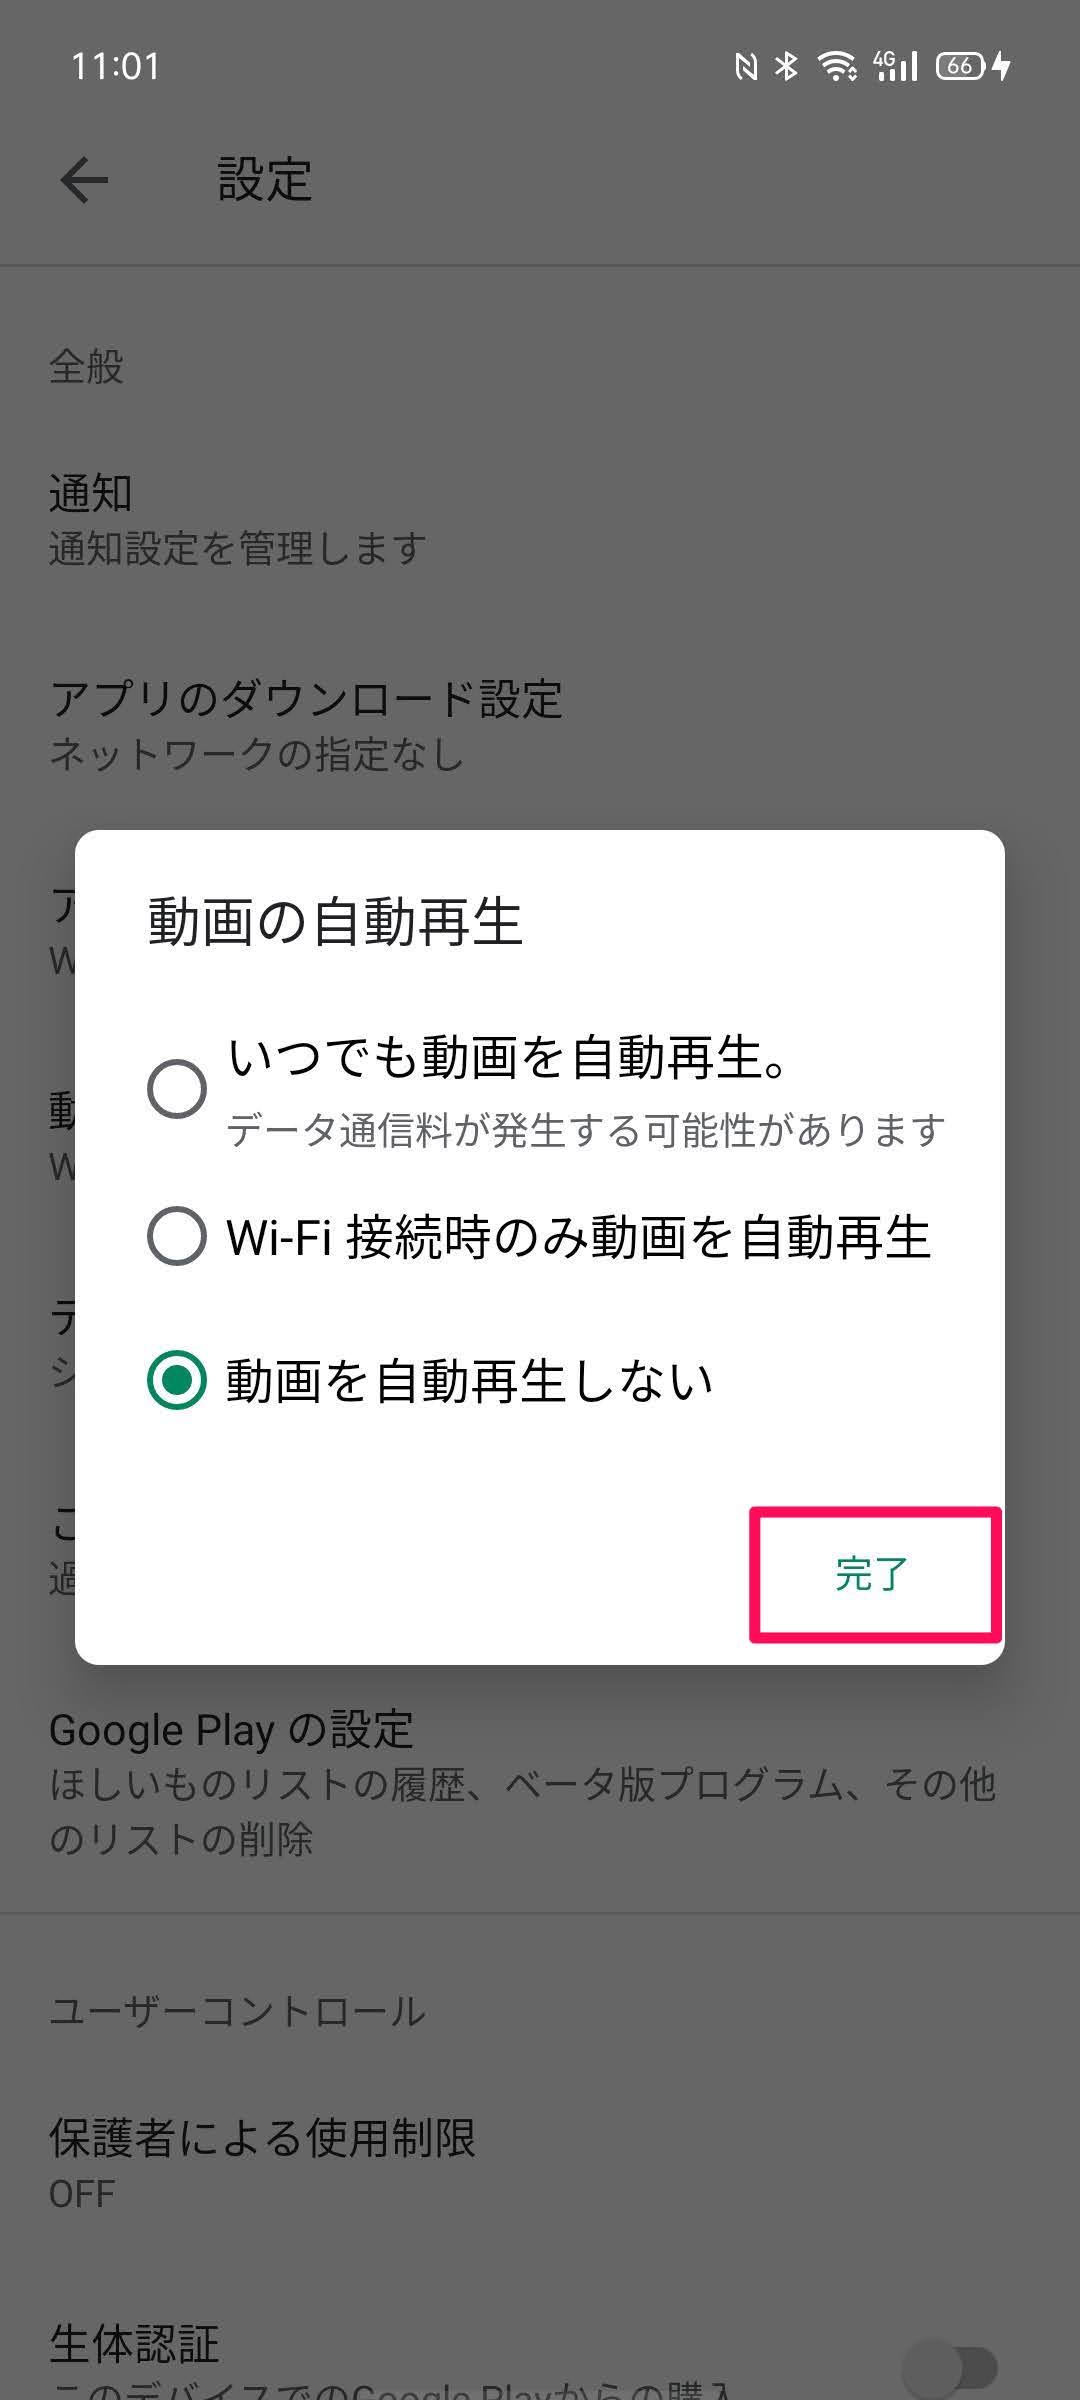 f:id:Azusa_Hirano:20200708115613j:plain